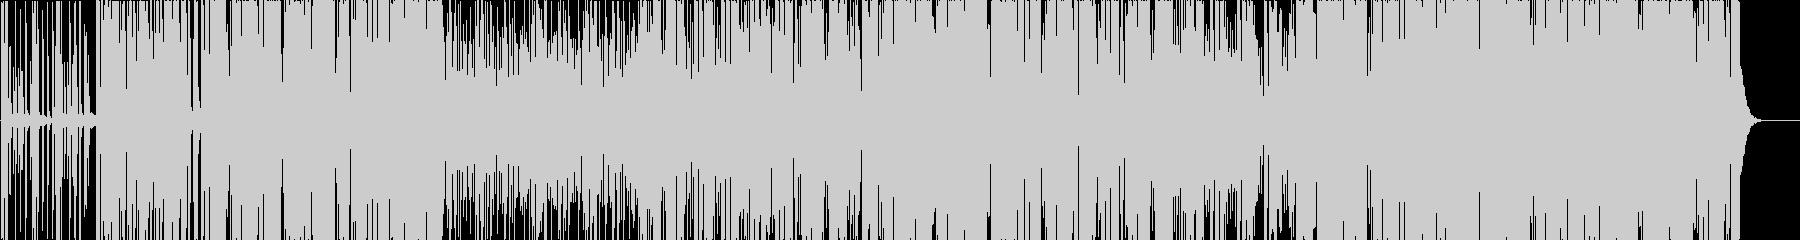 かわいい FutureBass EDMの未再生の波形